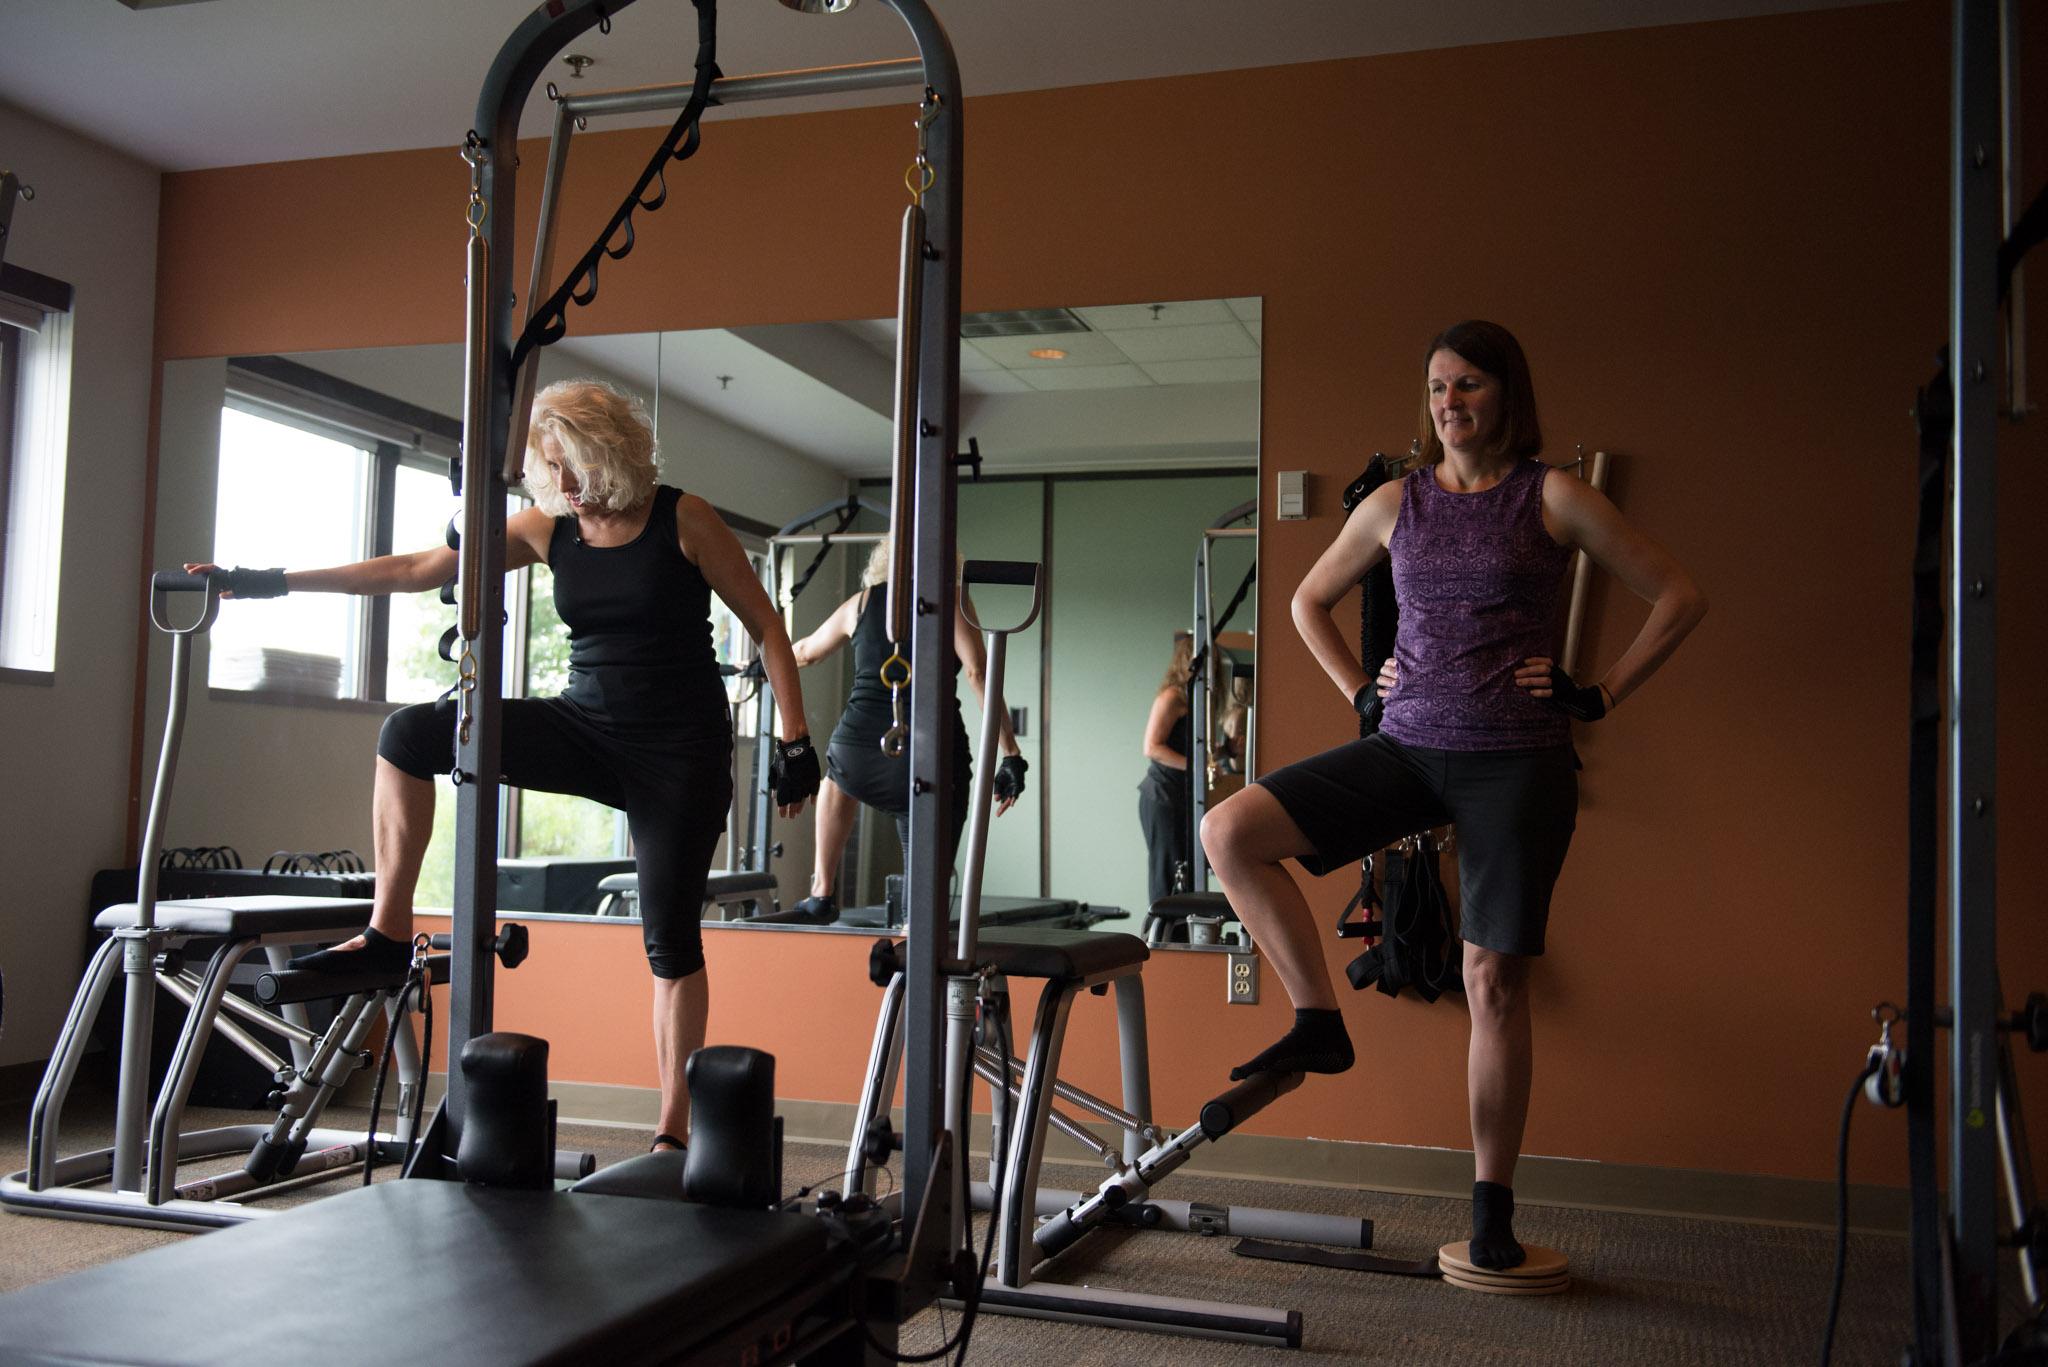 Wellness Center Stock Photos-1440.jpg